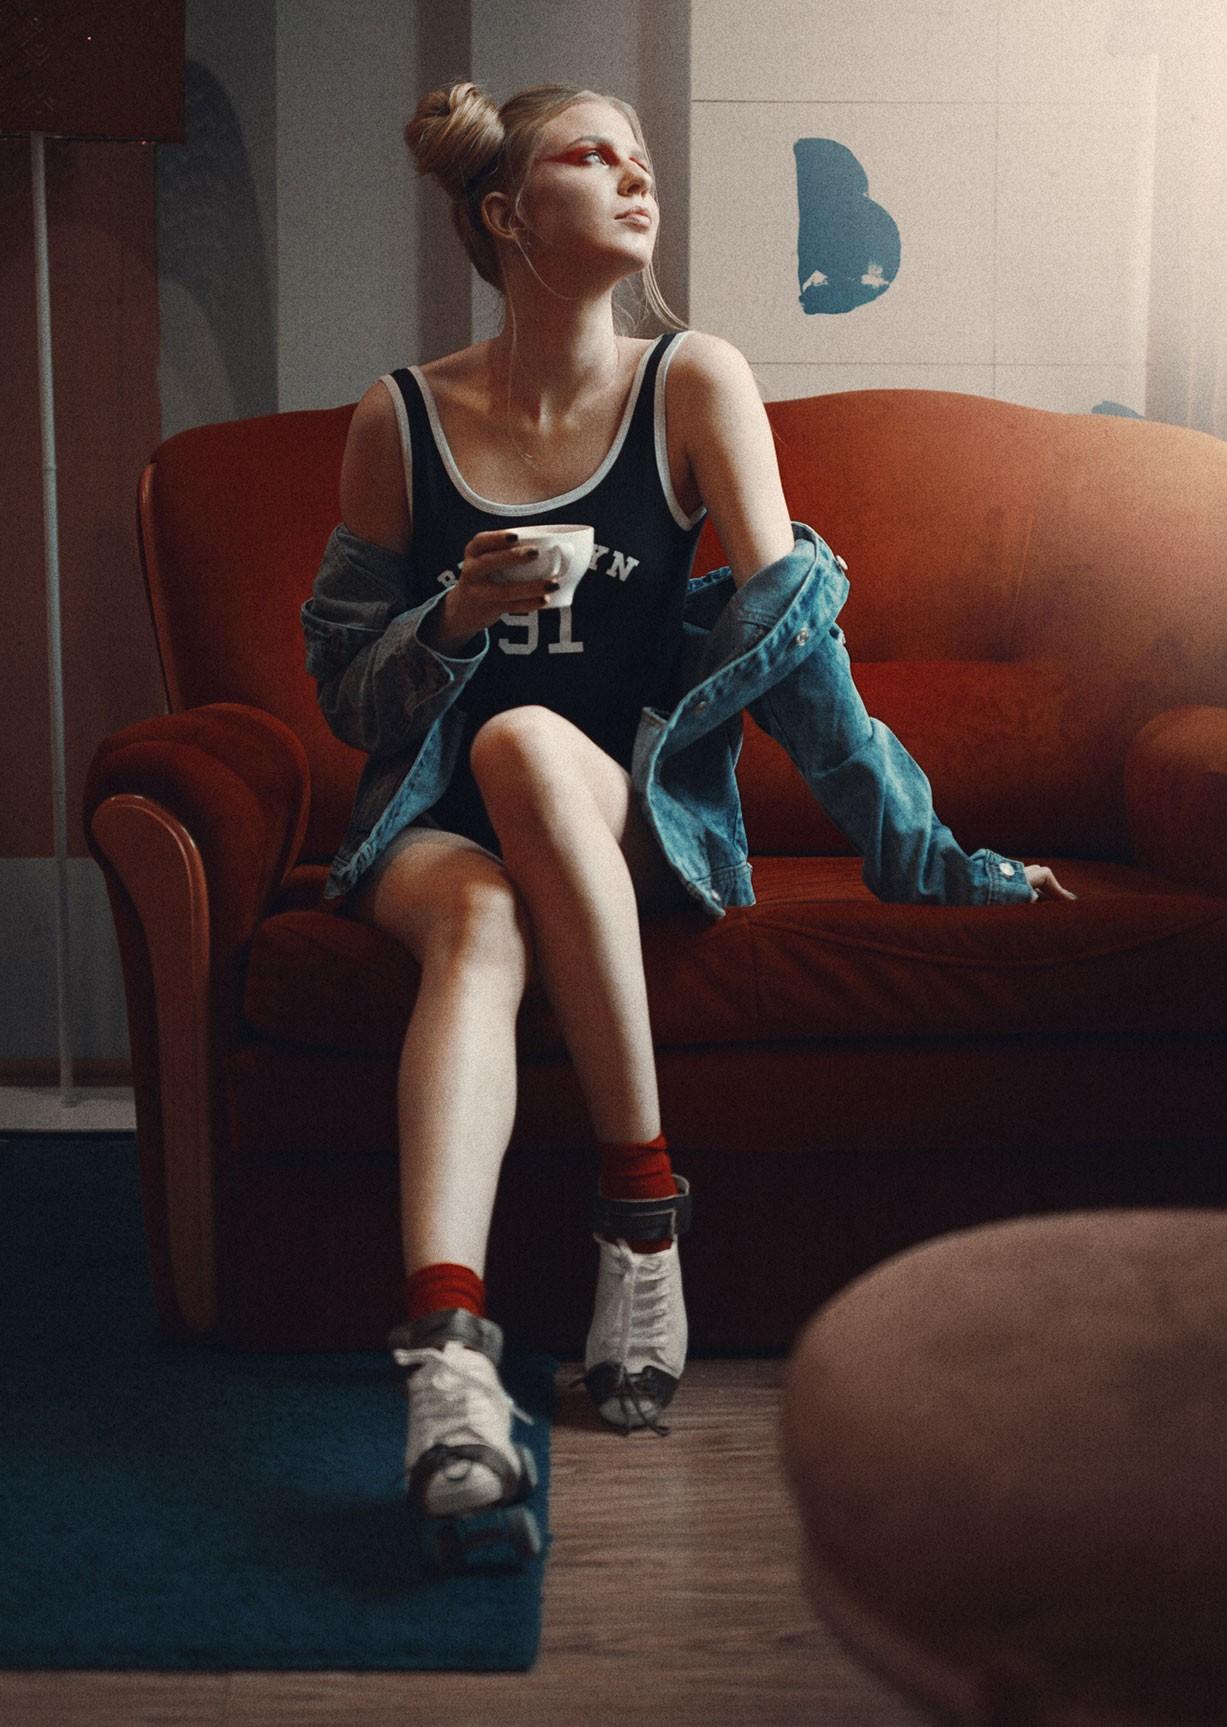 Катя в красных носках и роликах, фотограф Роман Филиппов / Red Sox nostalgie by Roman Filippov